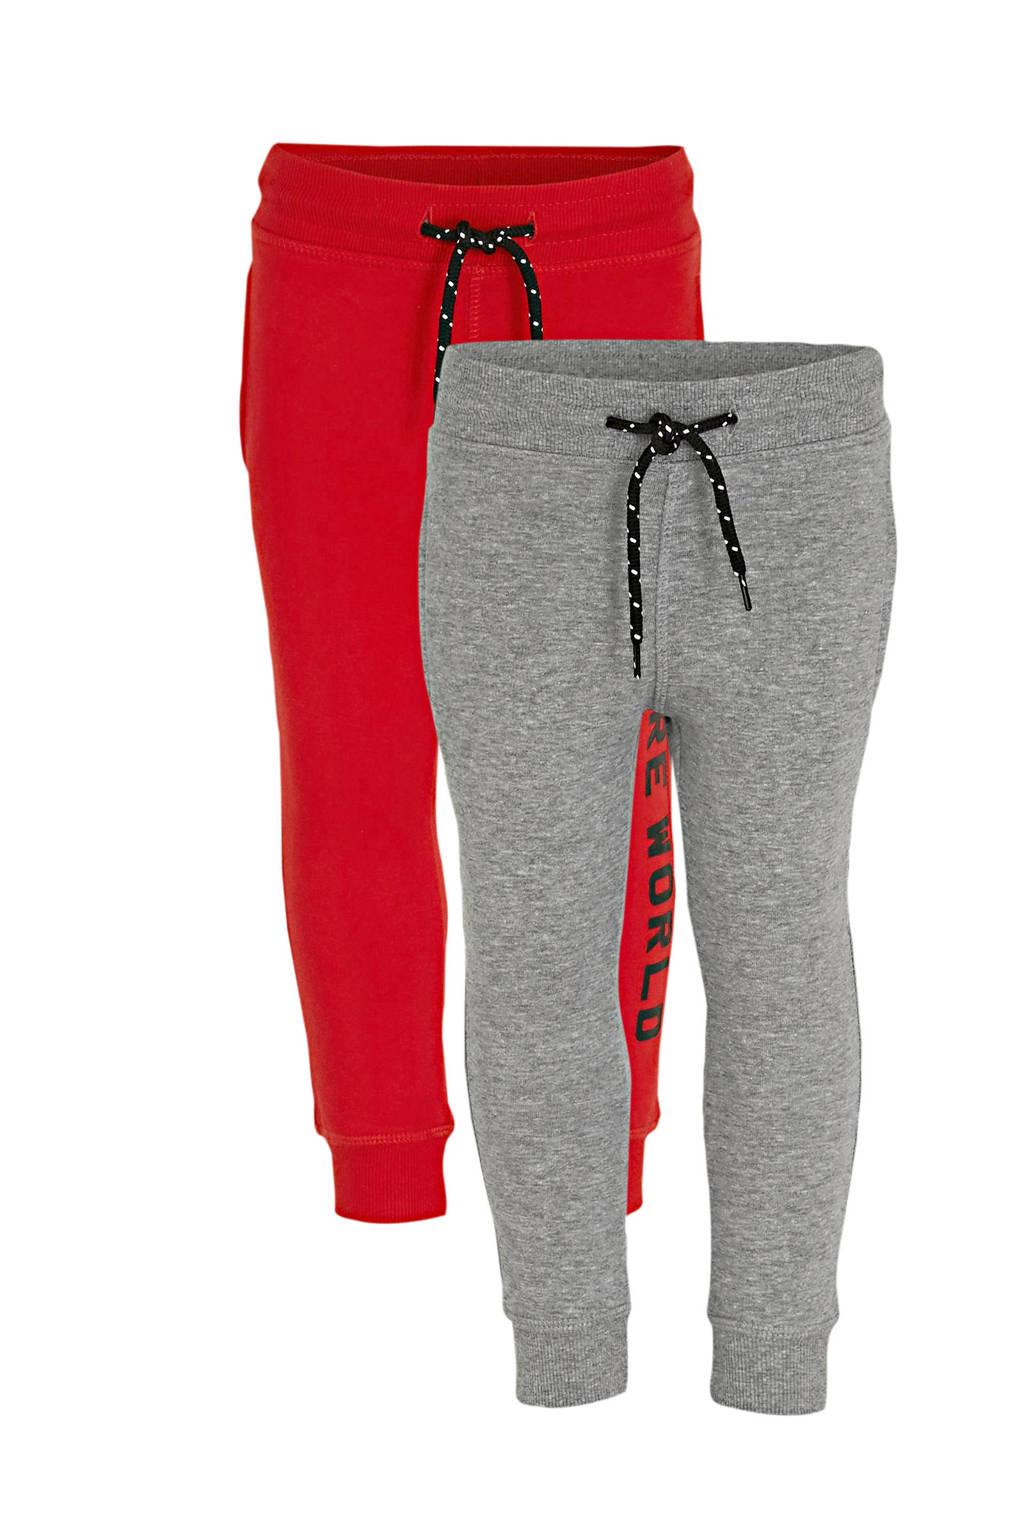 C&A Palomino joggingbroek met tekst - set van 2 rood/grijs, Rood/grijs